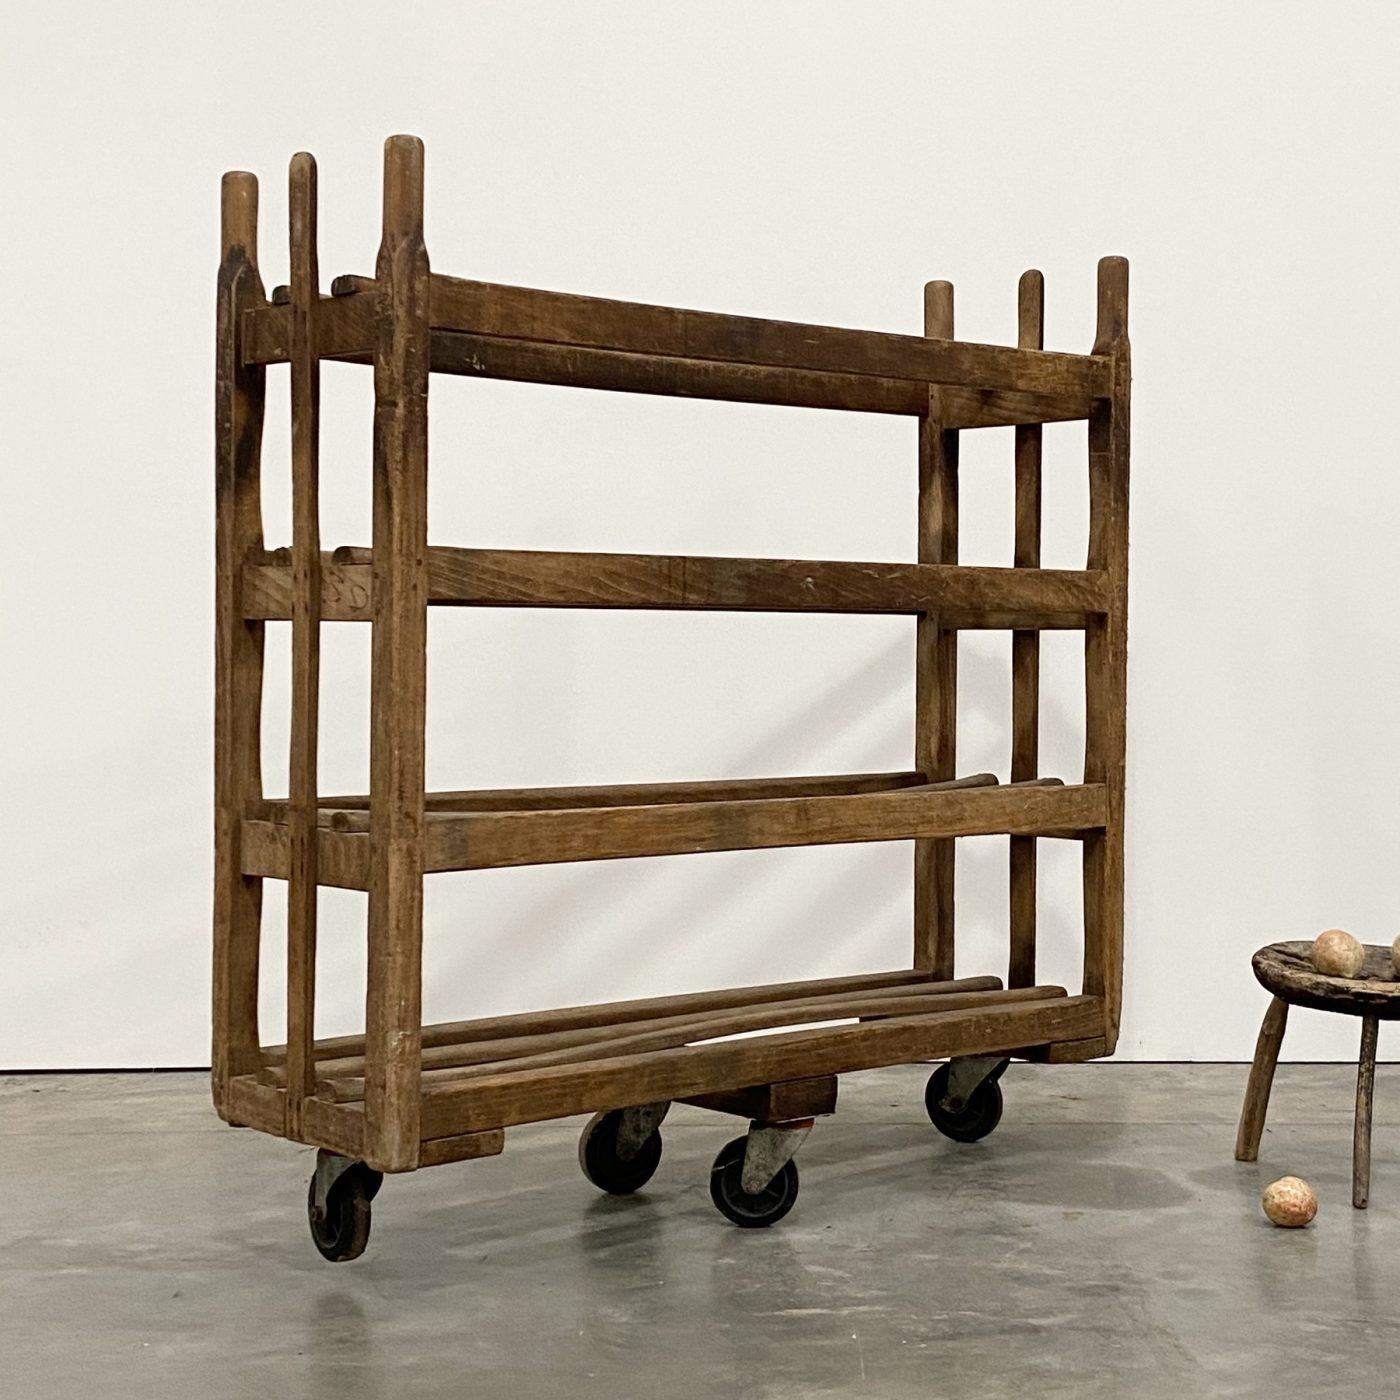 objet-vagabond-bakery-rack0001